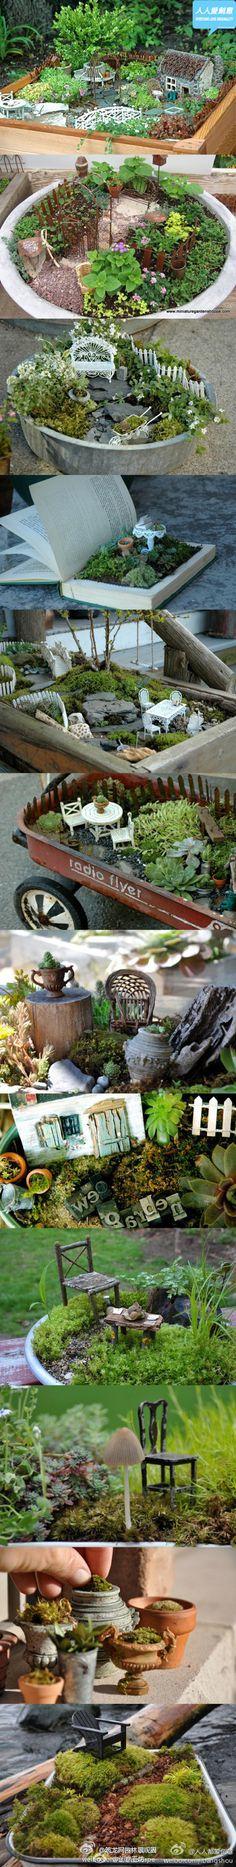 fairy gardens tiny gardens, garden ideas, miniatur garden, fairi garden, miniature gardens, little gardens, fairy houses, mini gardens, miniature fairy gardens